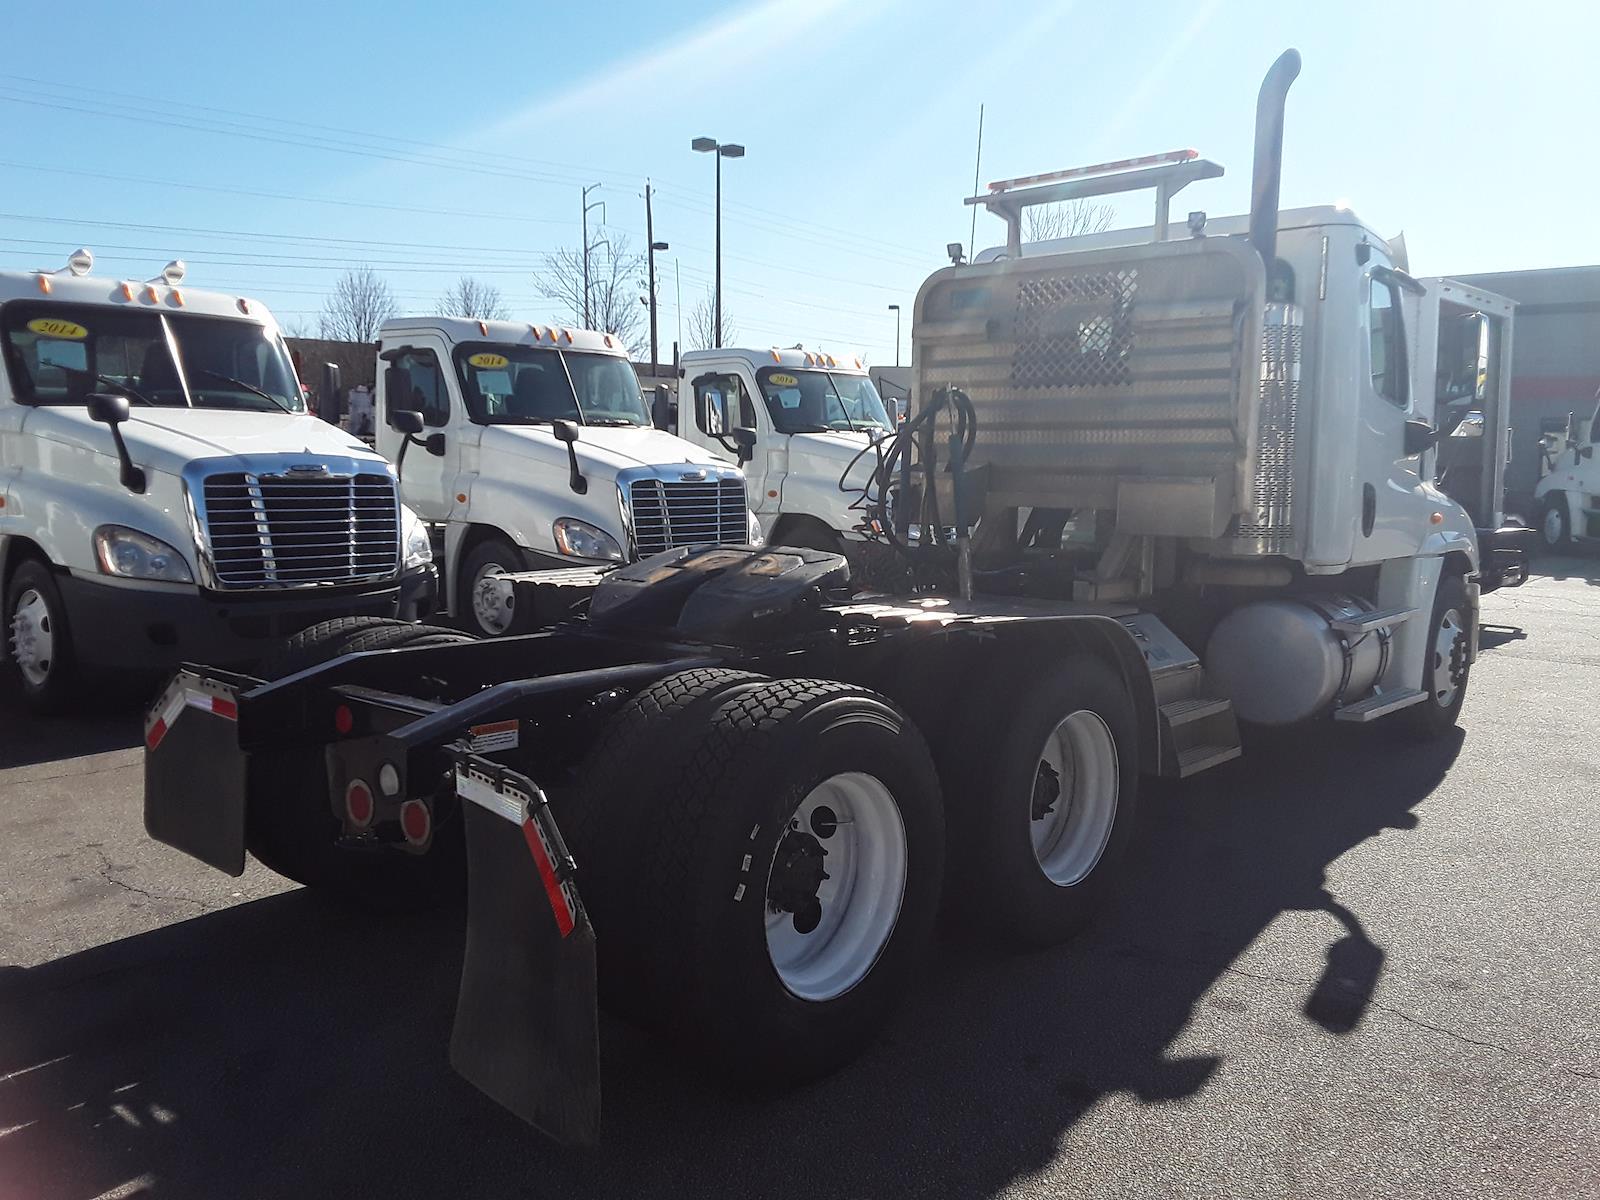 2014 Freightliner Truck 6x4, Tractor #545580 - photo 1